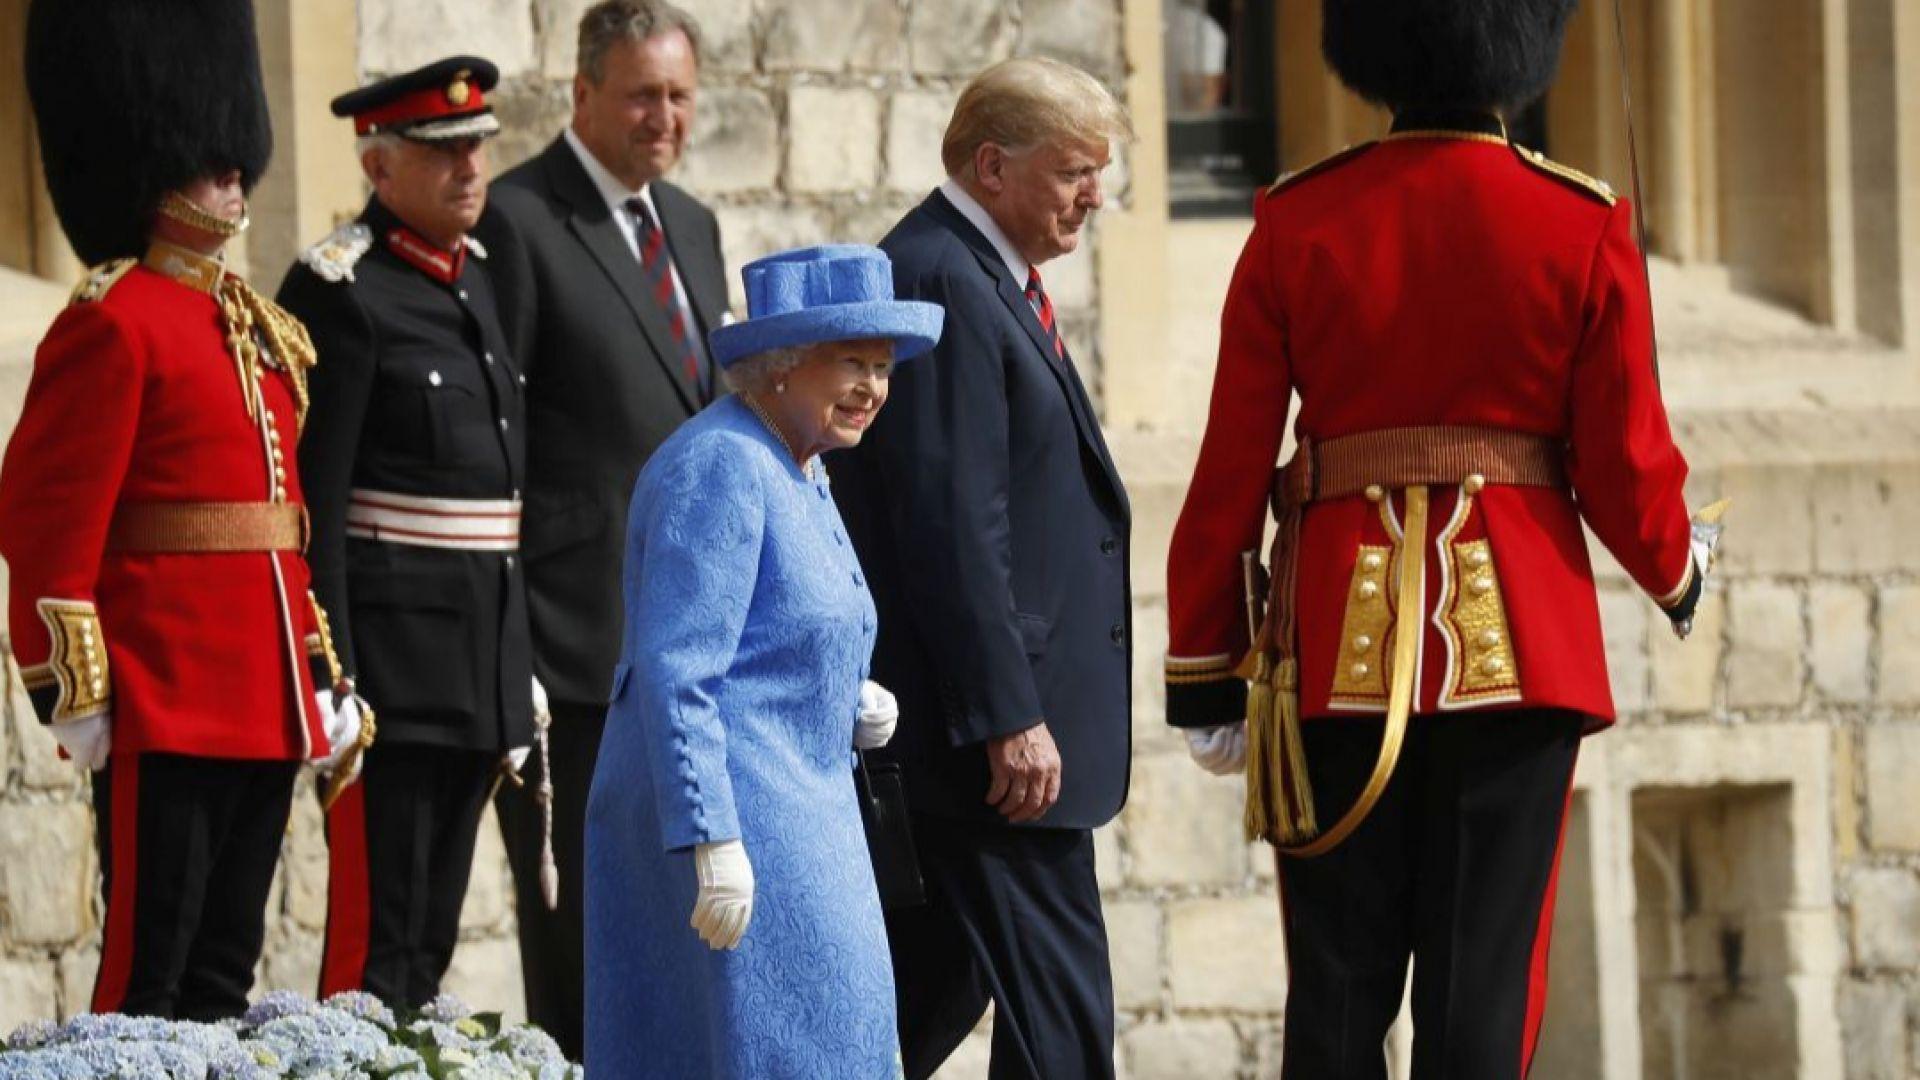 Кралица Елизабет II прие Доналд Тръмп на чай в замъка Уиндзор (снимки)